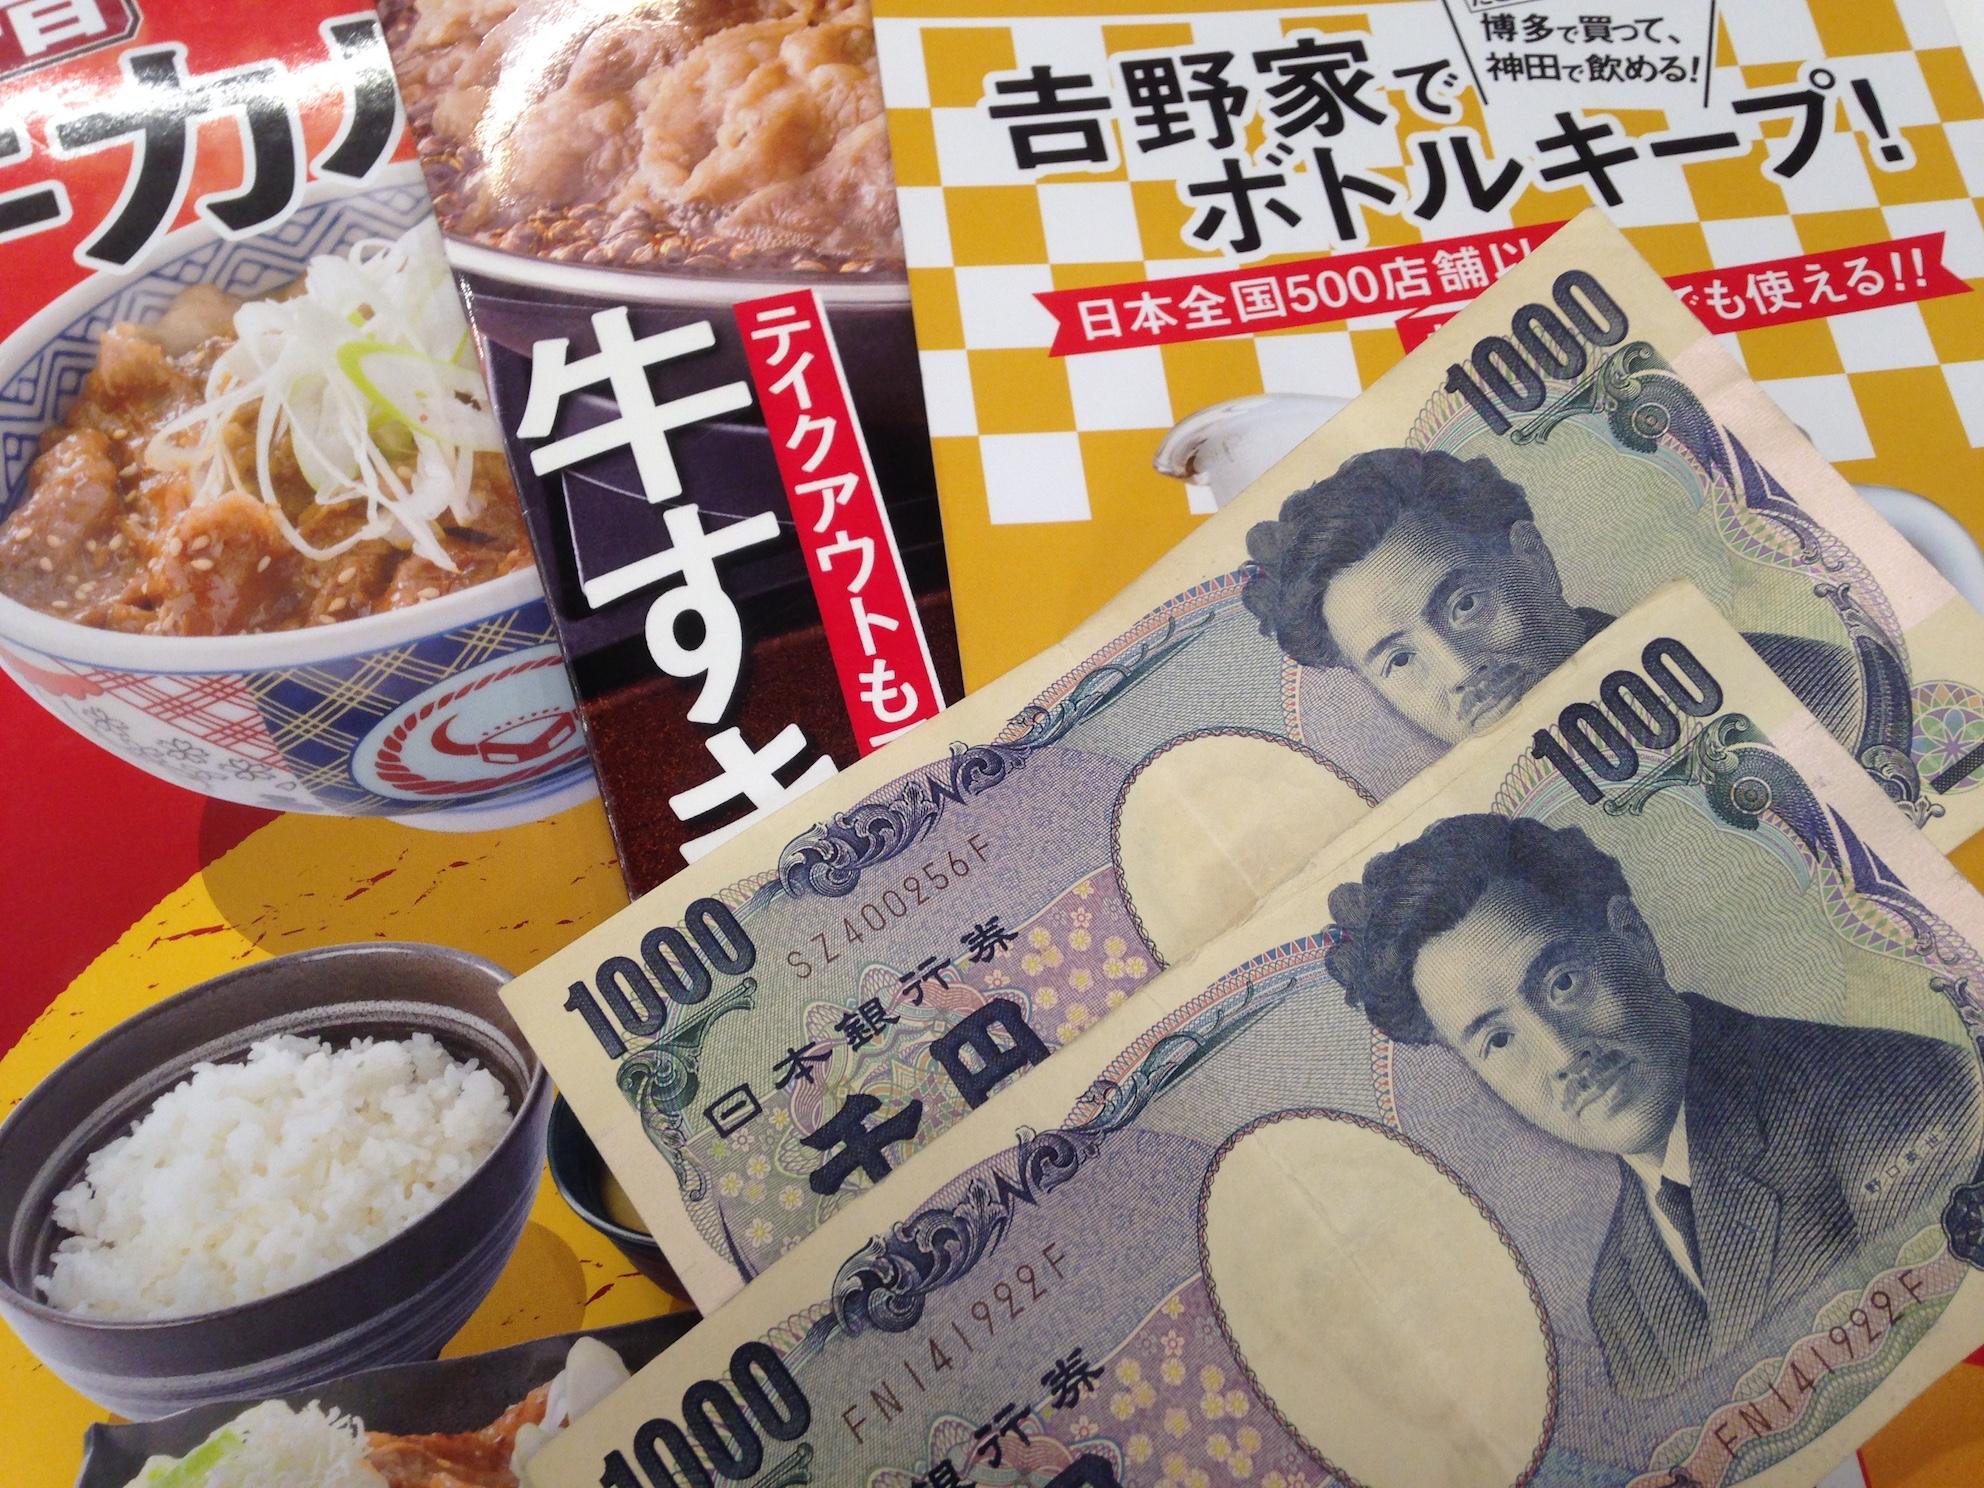 千円握りしめて吉野家で飲み会してみた